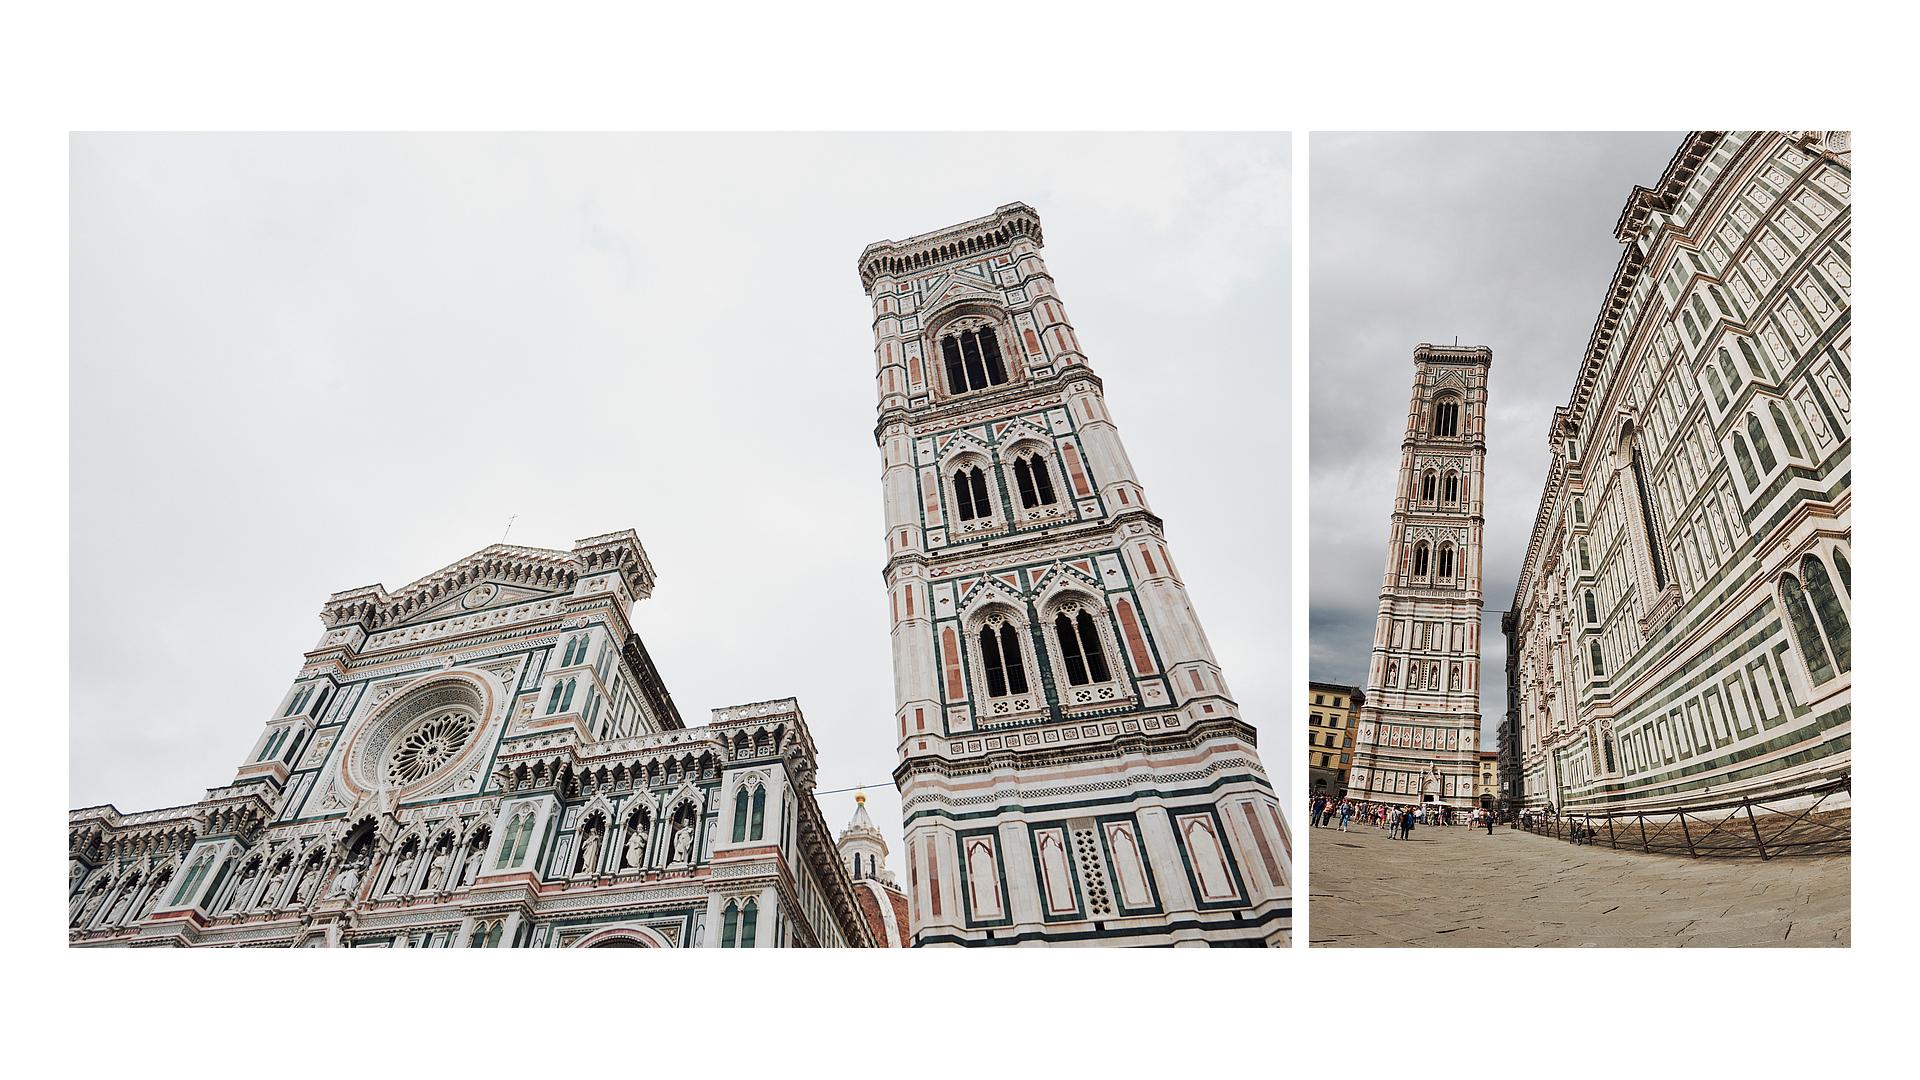 Il Campanile de Giotto - Florencia - José Álvarez Fotografía